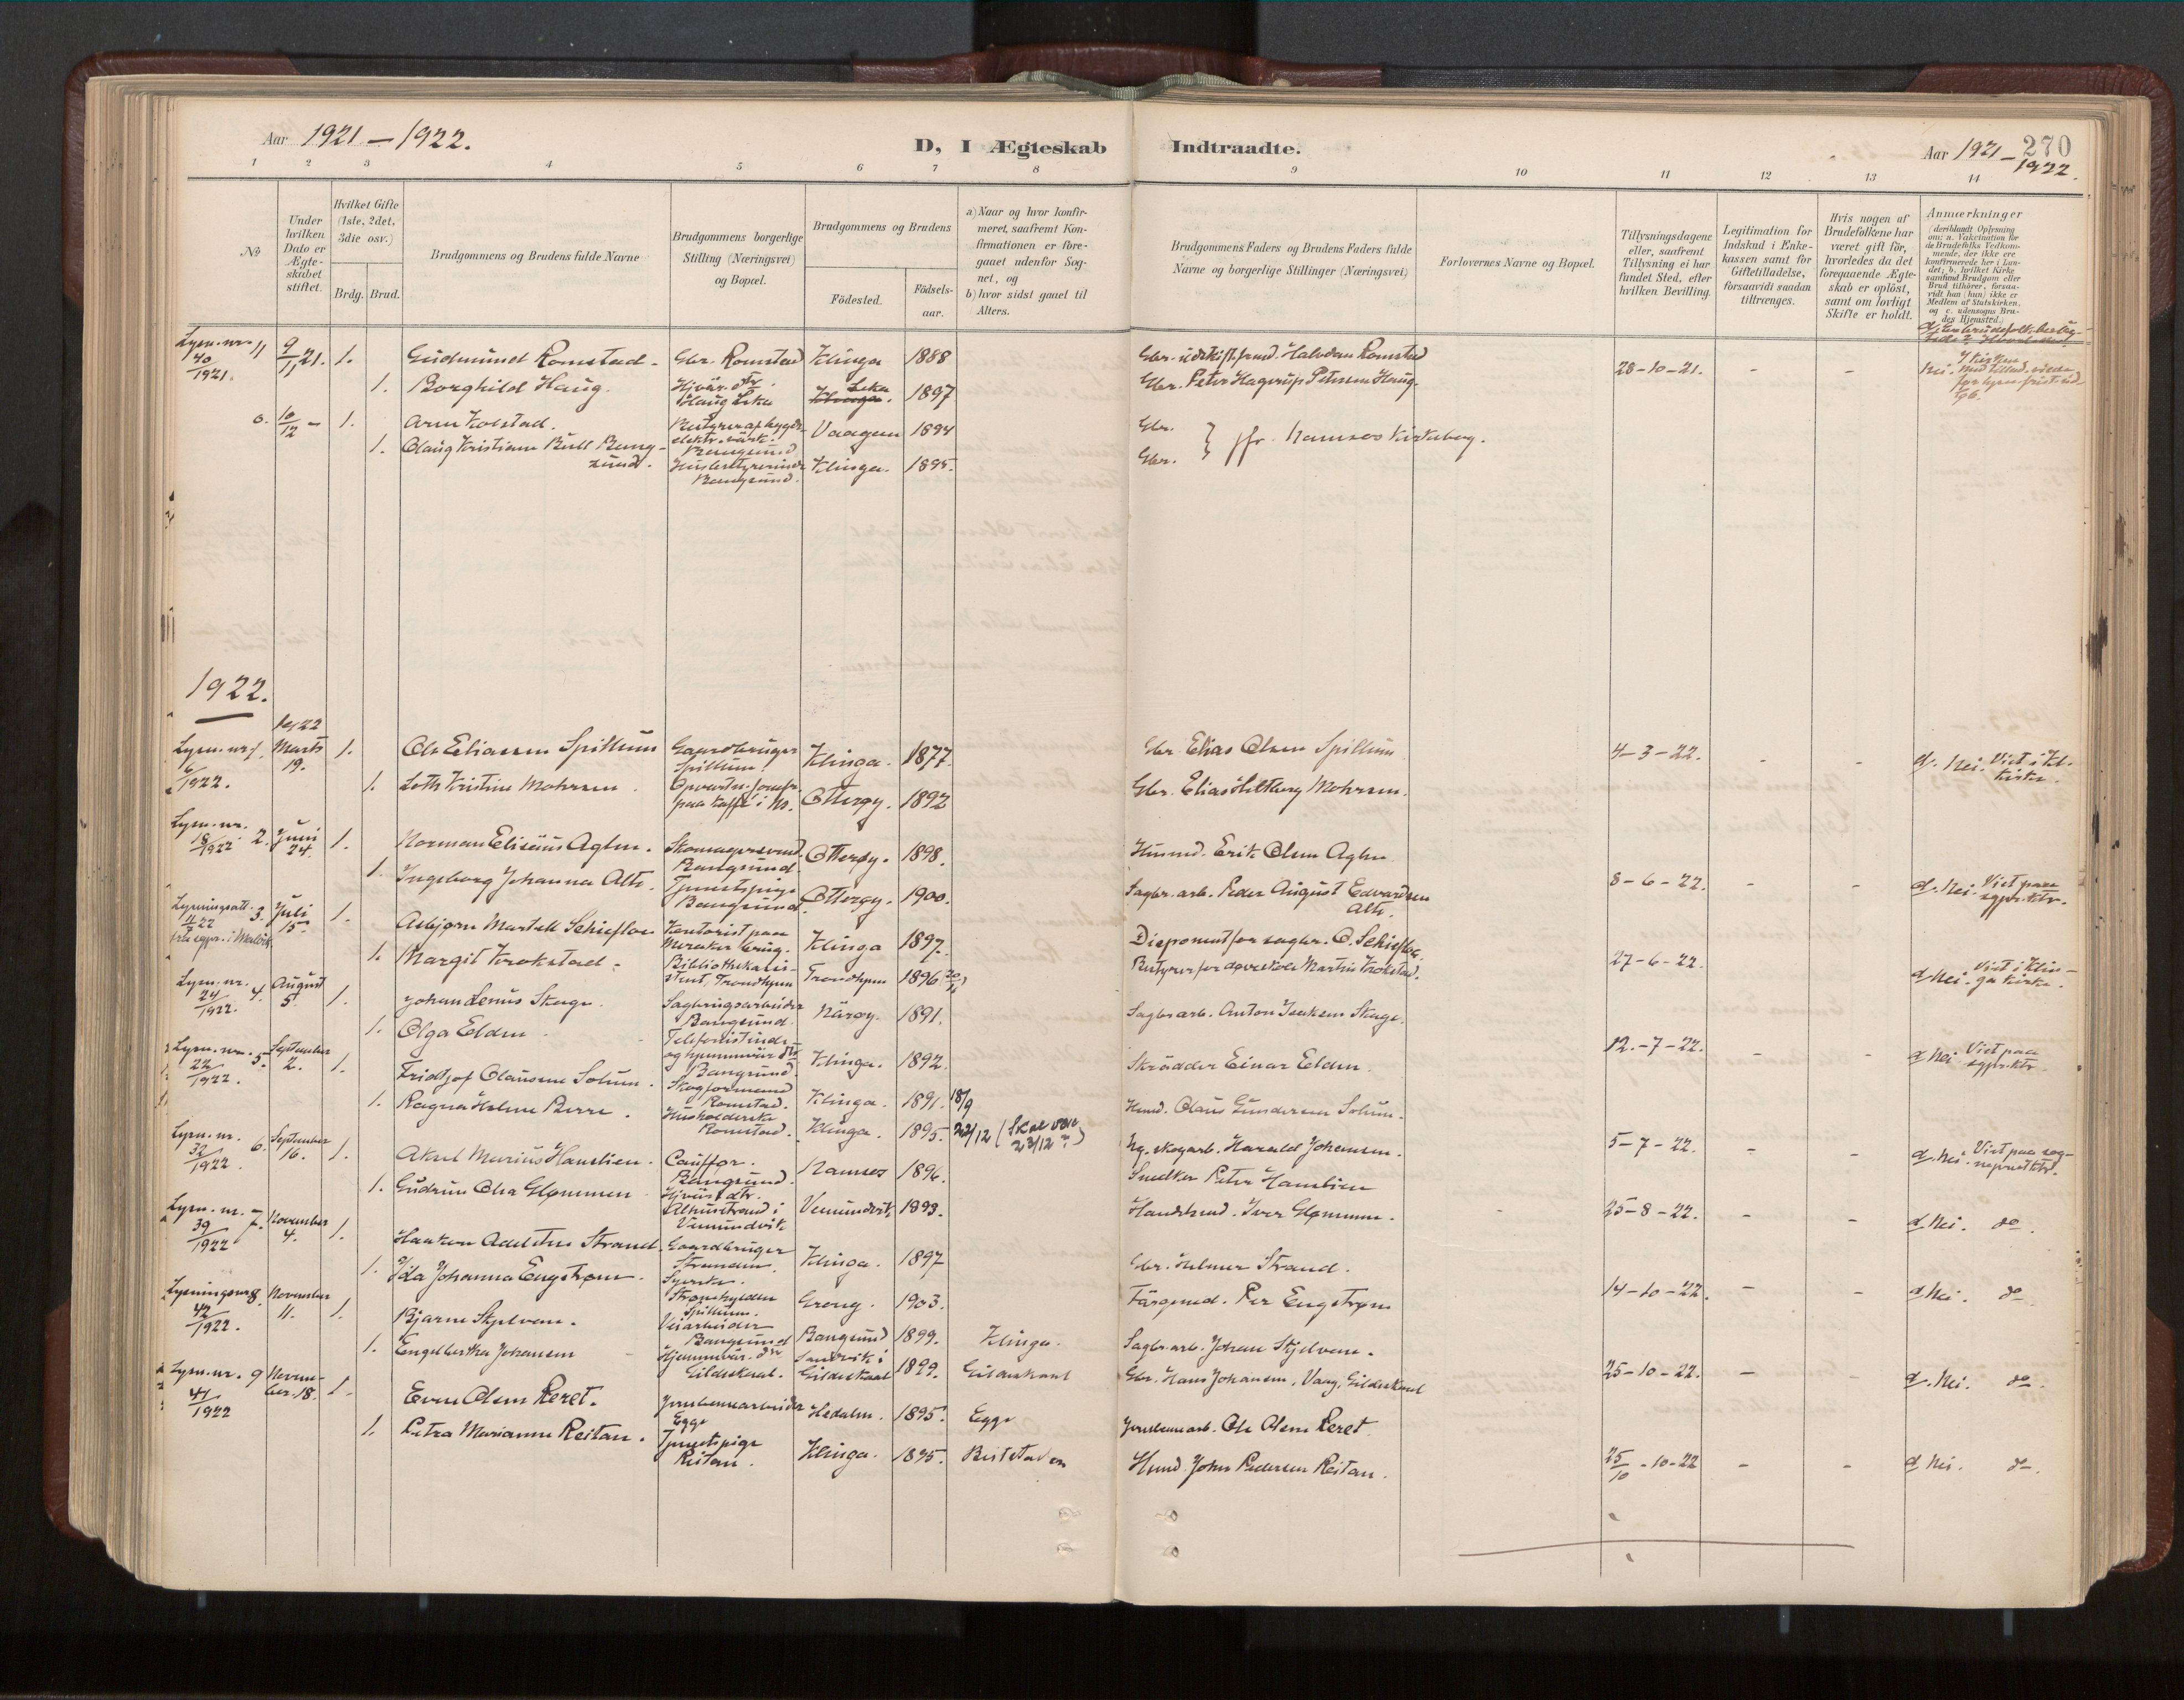 SAT, Ministerialprotokoller, klokkerbøker og fødselsregistre - Nord-Trøndelag, 770/L0589: Ministerialbok nr. 770A03, 1887-1929, s. 270